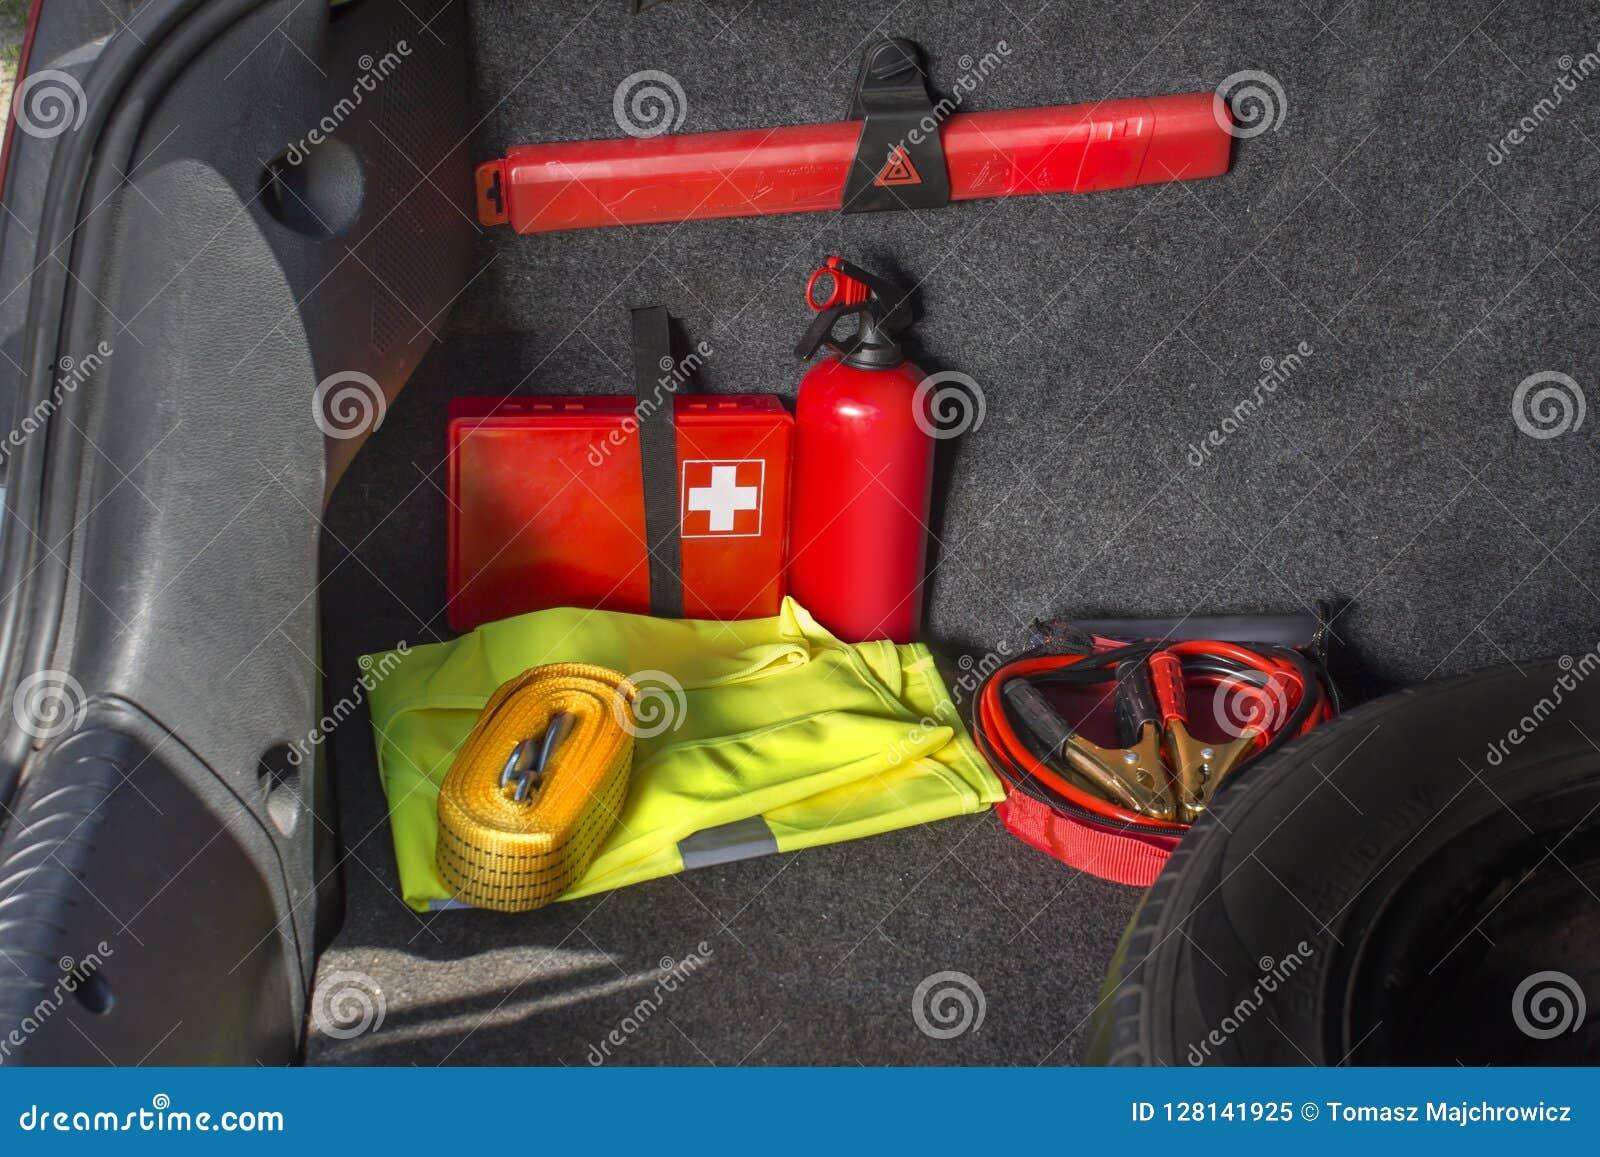 Interior del tronco del coche en el cual hay un equipo de primeros auxilios, extintor, triángulo amonestador, chaleco reflexivo,